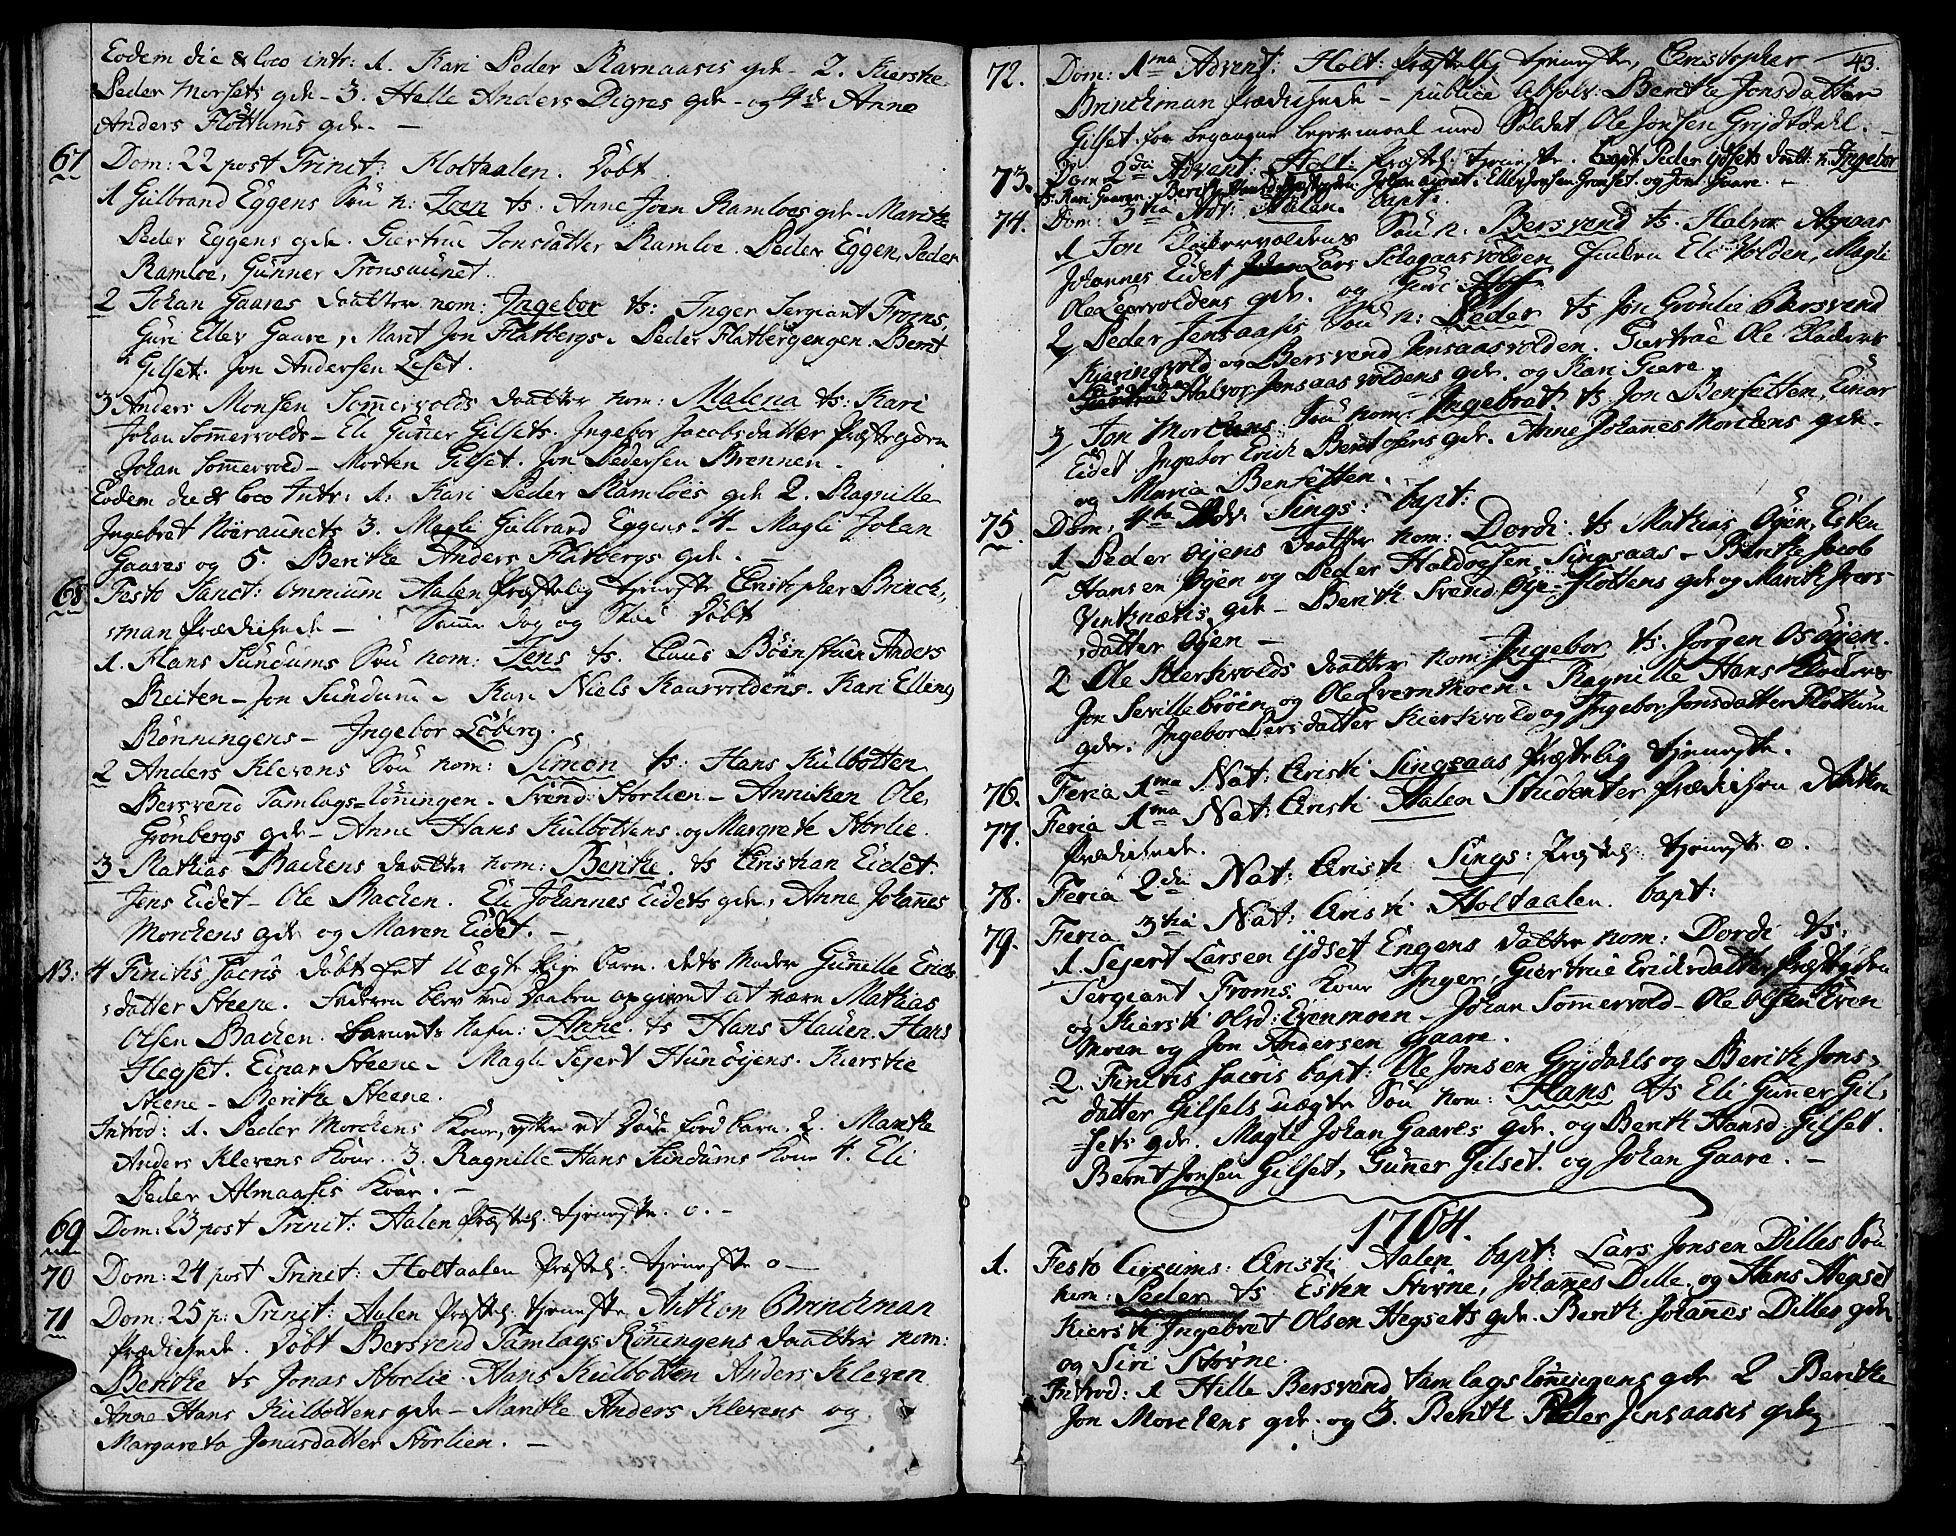 SAT, Ministerialprotokoller, klokkerbøker og fødselsregistre - Sør-Trøndelag, 685/L0952: Ministerialbok nr. 685A01, 1745-1804, s. 43